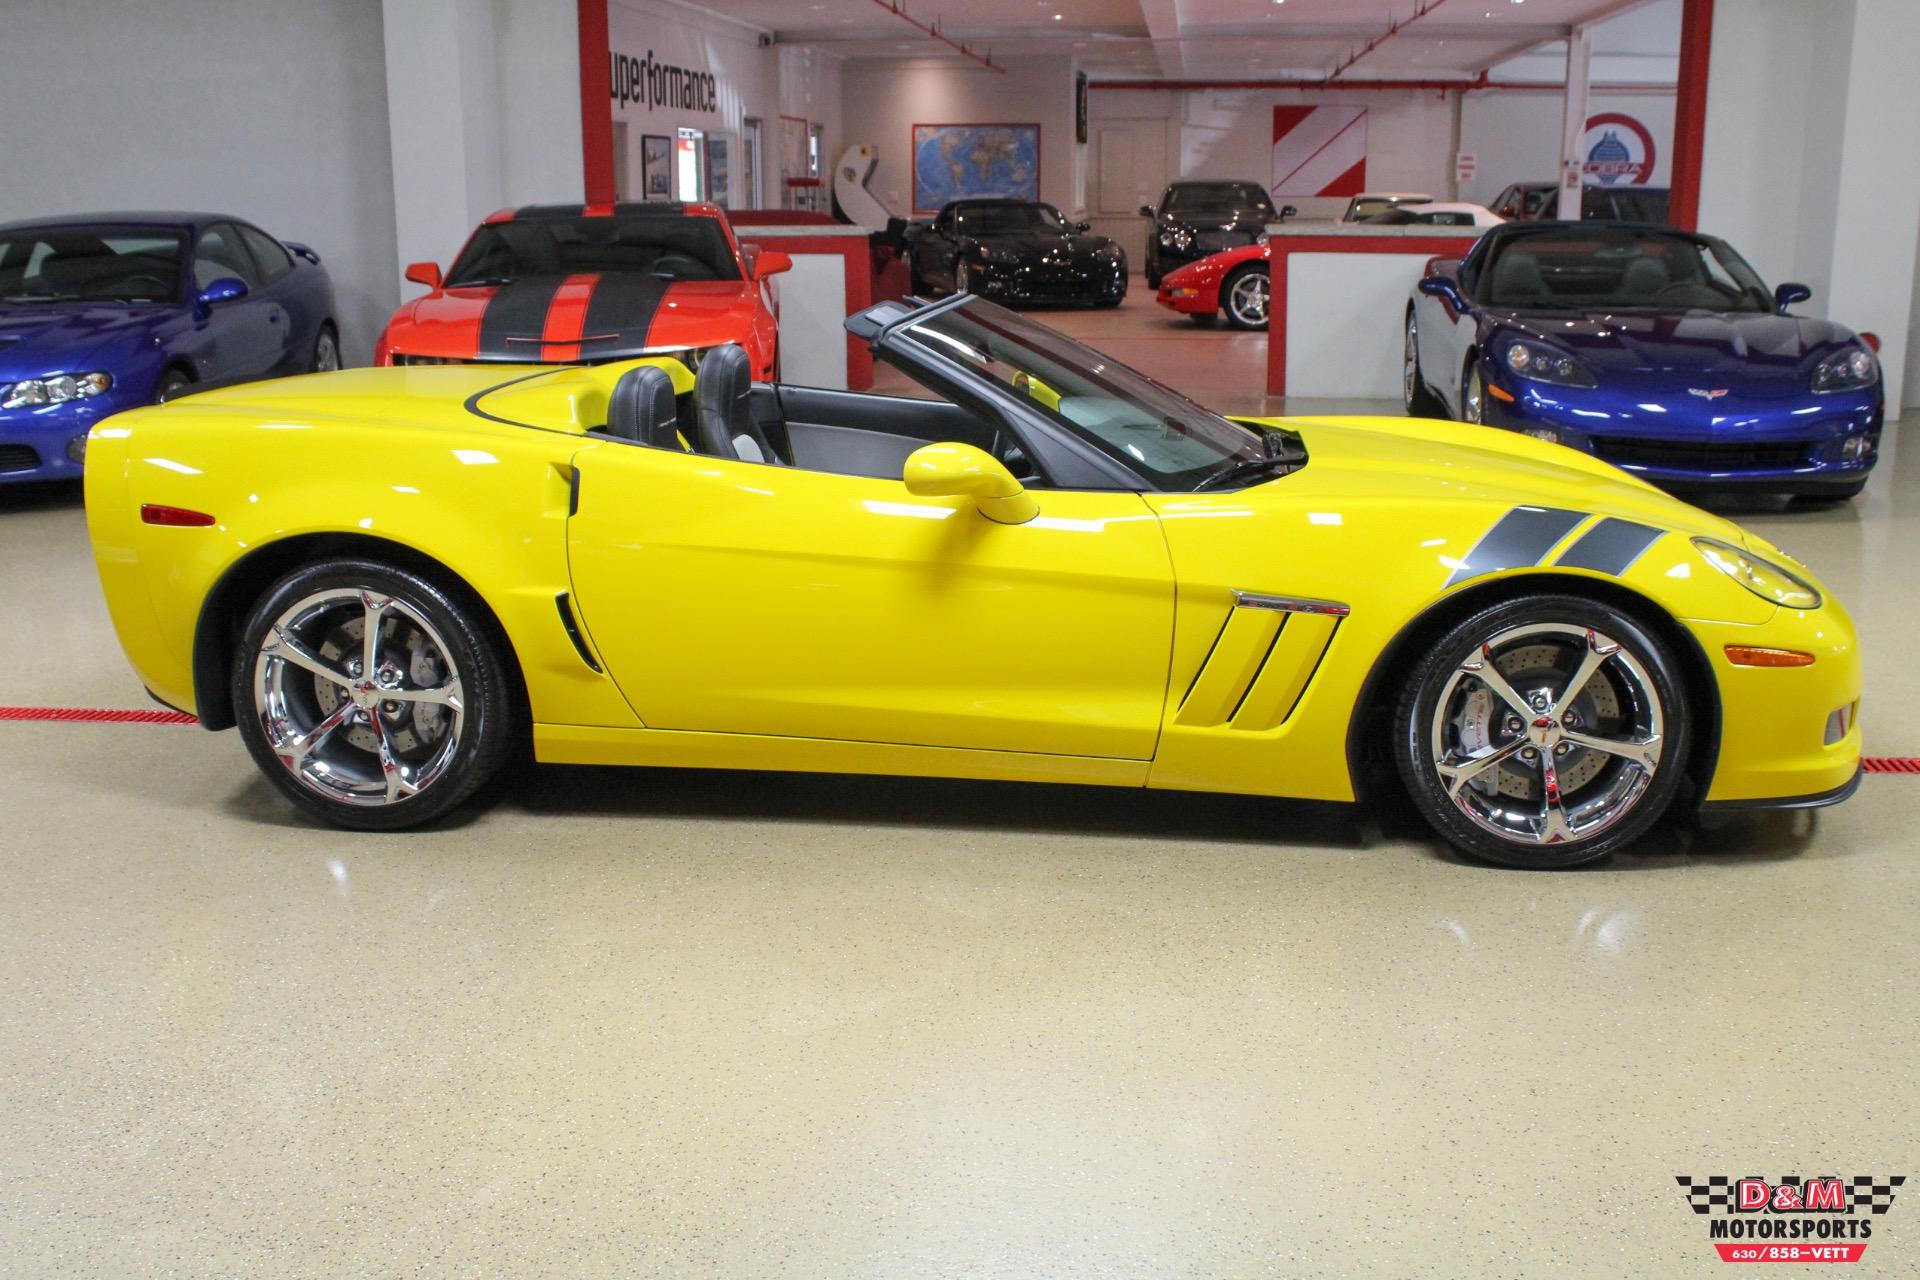 2011 chevrolet corvette grand sport convertible stock # m6081 for